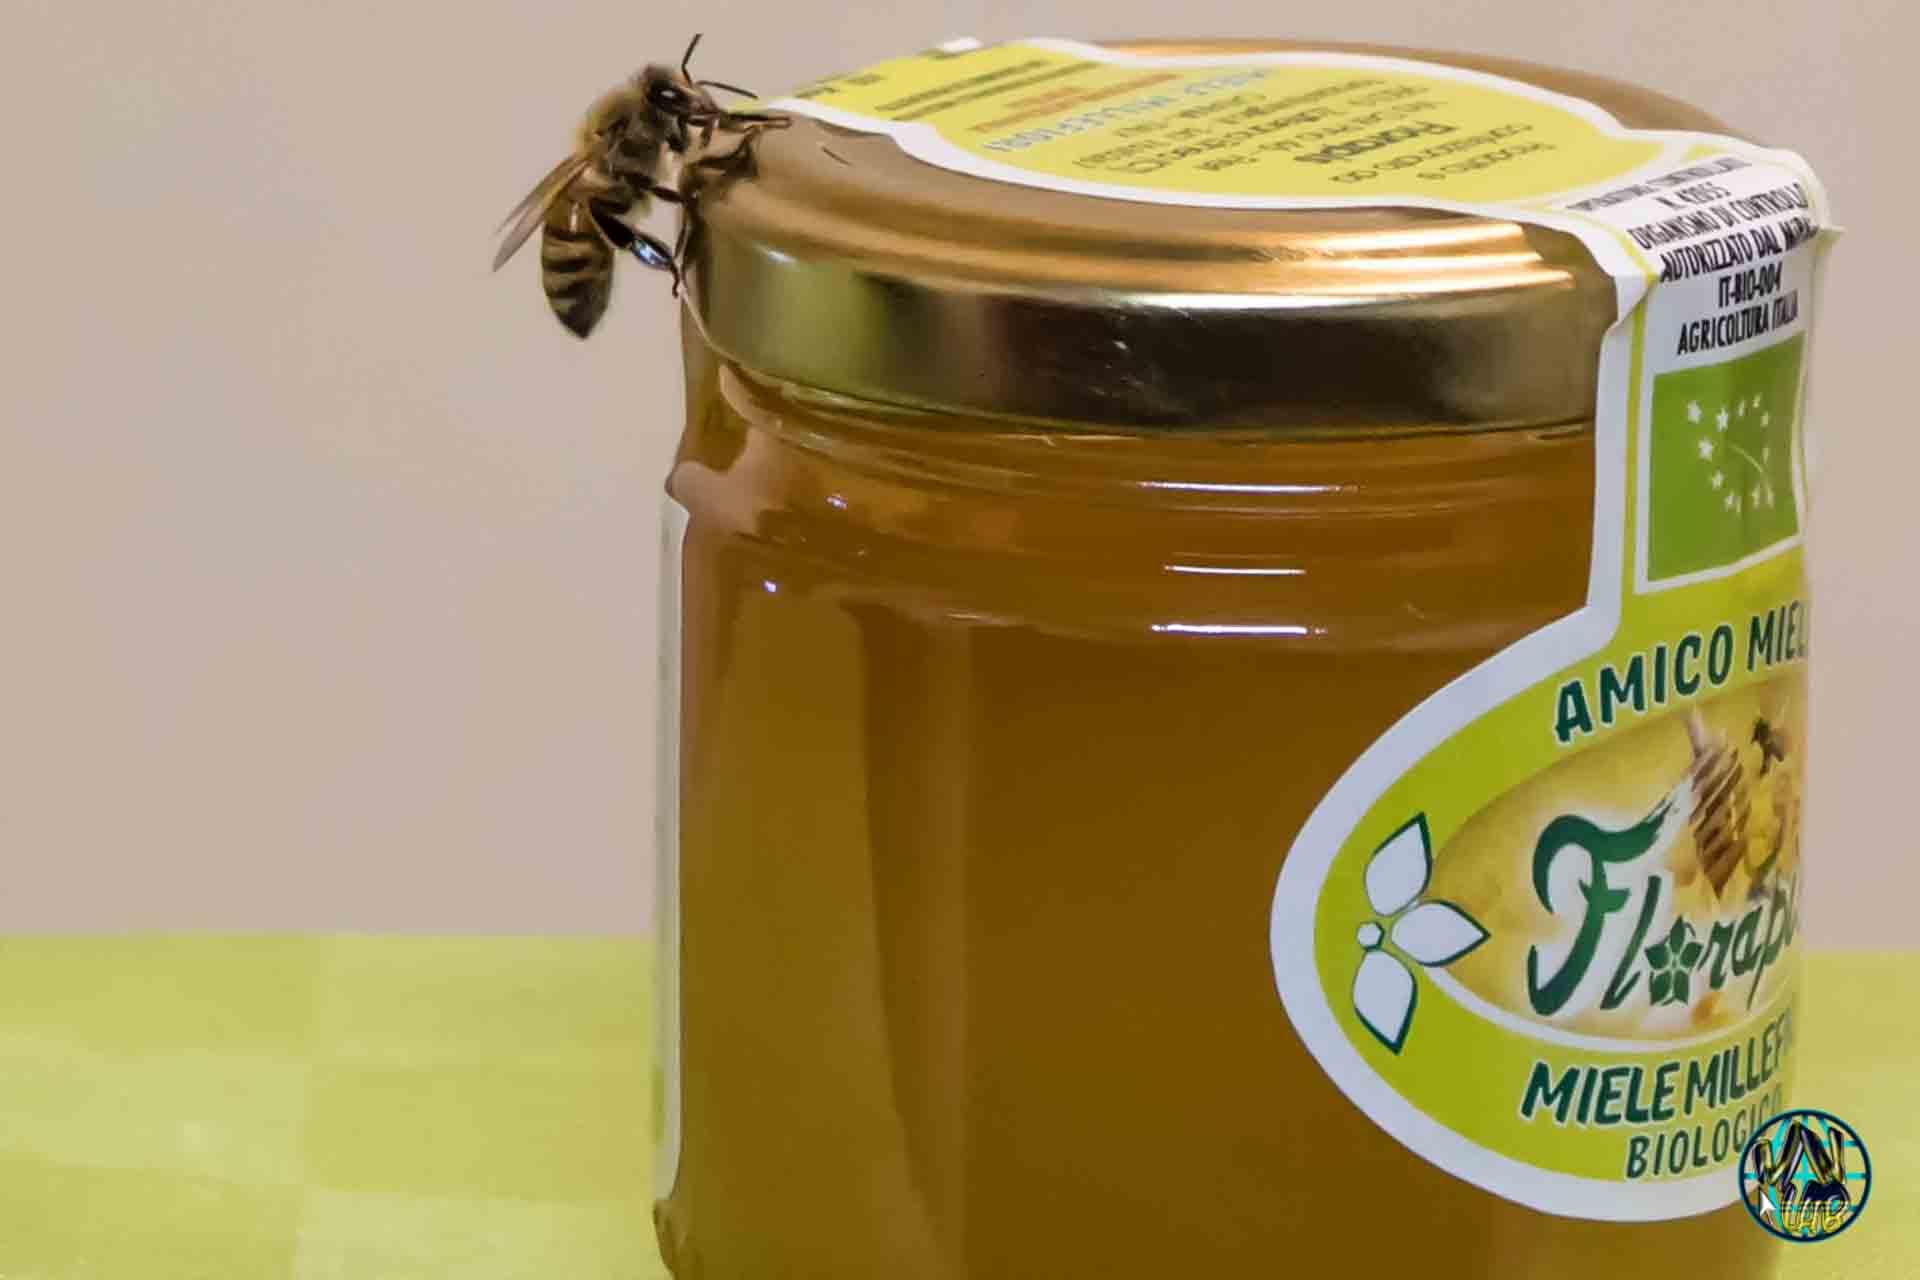 vendita di miele biologico siciliano - Florapis